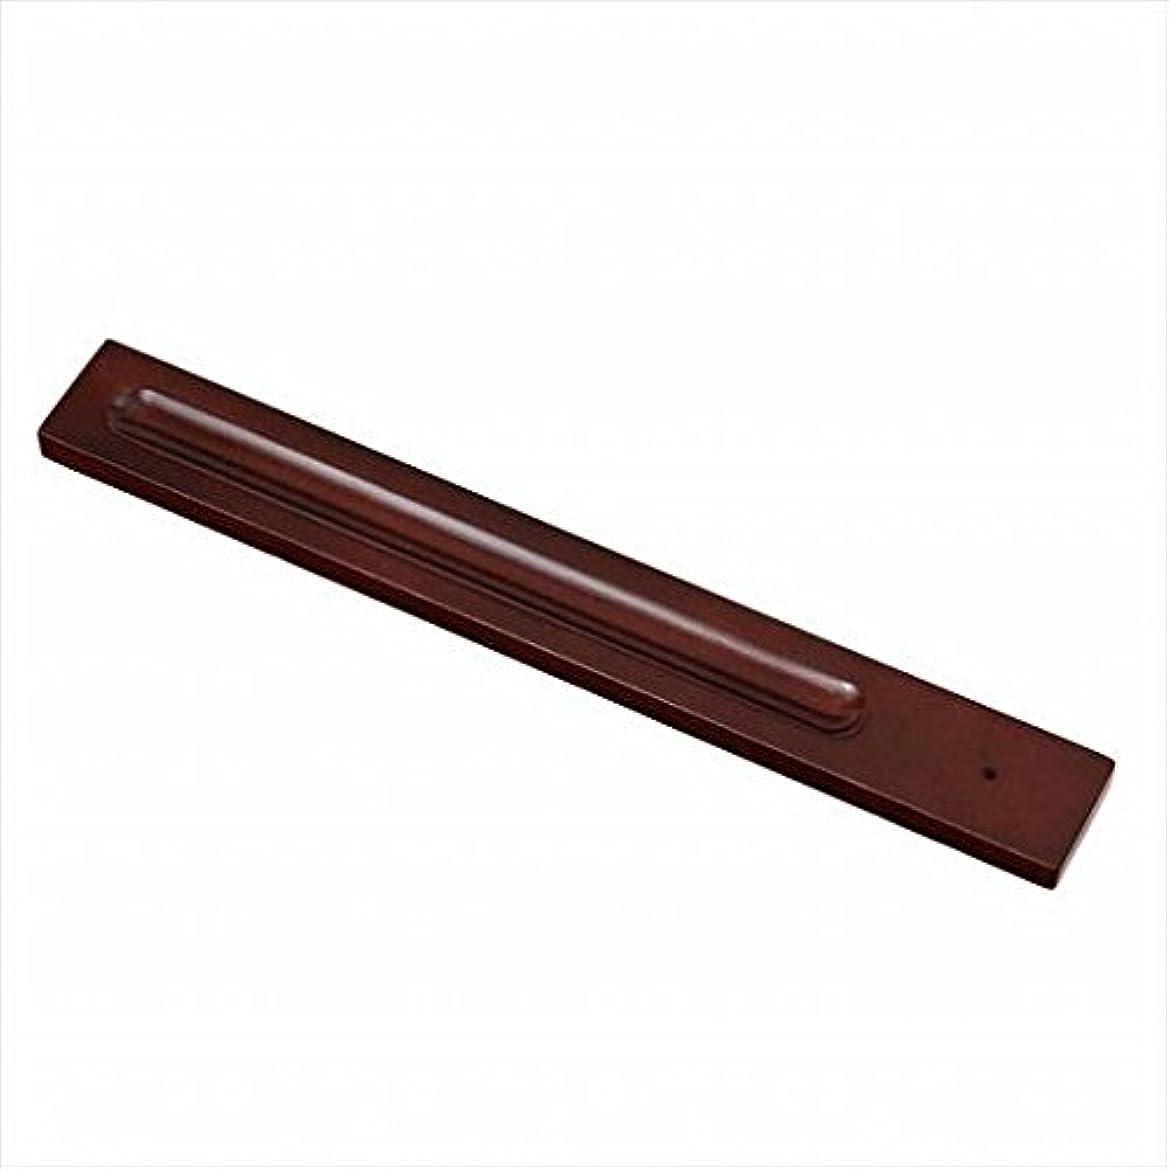 レイプ排他的当社kameyama candle(カメヤマキャンドル) バンブーインセンス用ホルダースクエア 「 ブラウン 」 キャンドル 30x246x9mm (E3130000BR)